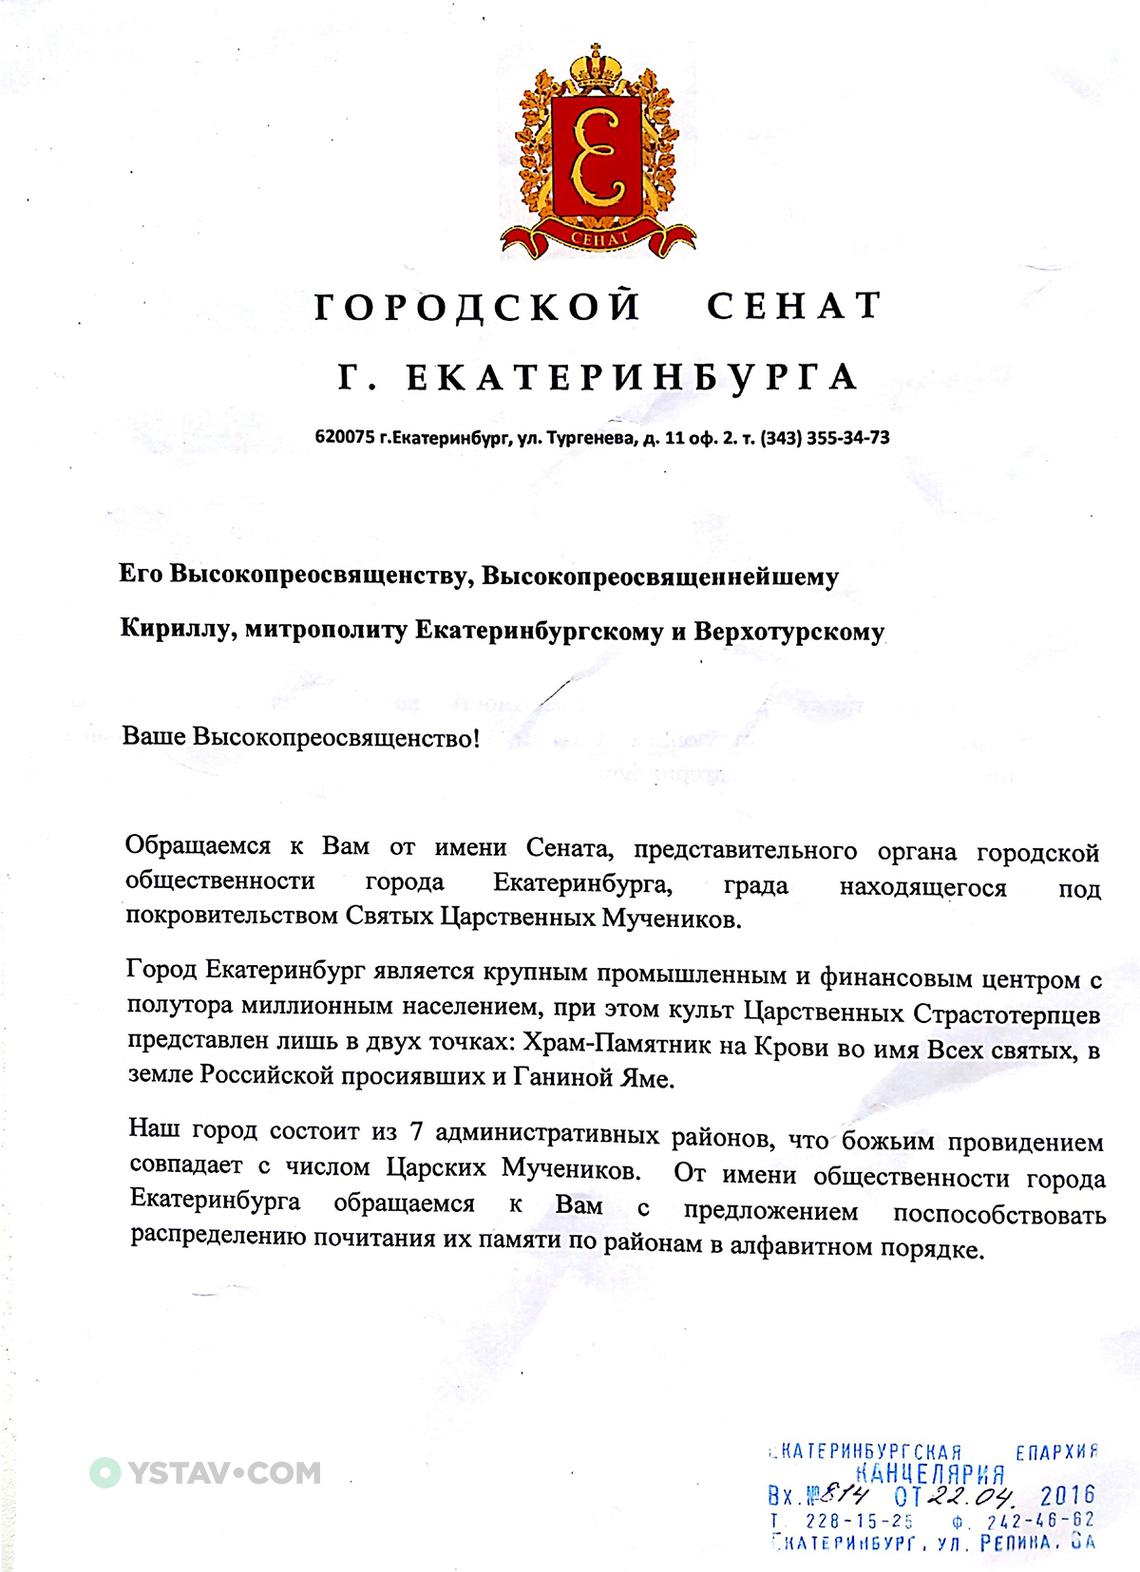 20160425_10-36-Районы Екатеринбурга переименуют в честь великомучеников-pic1